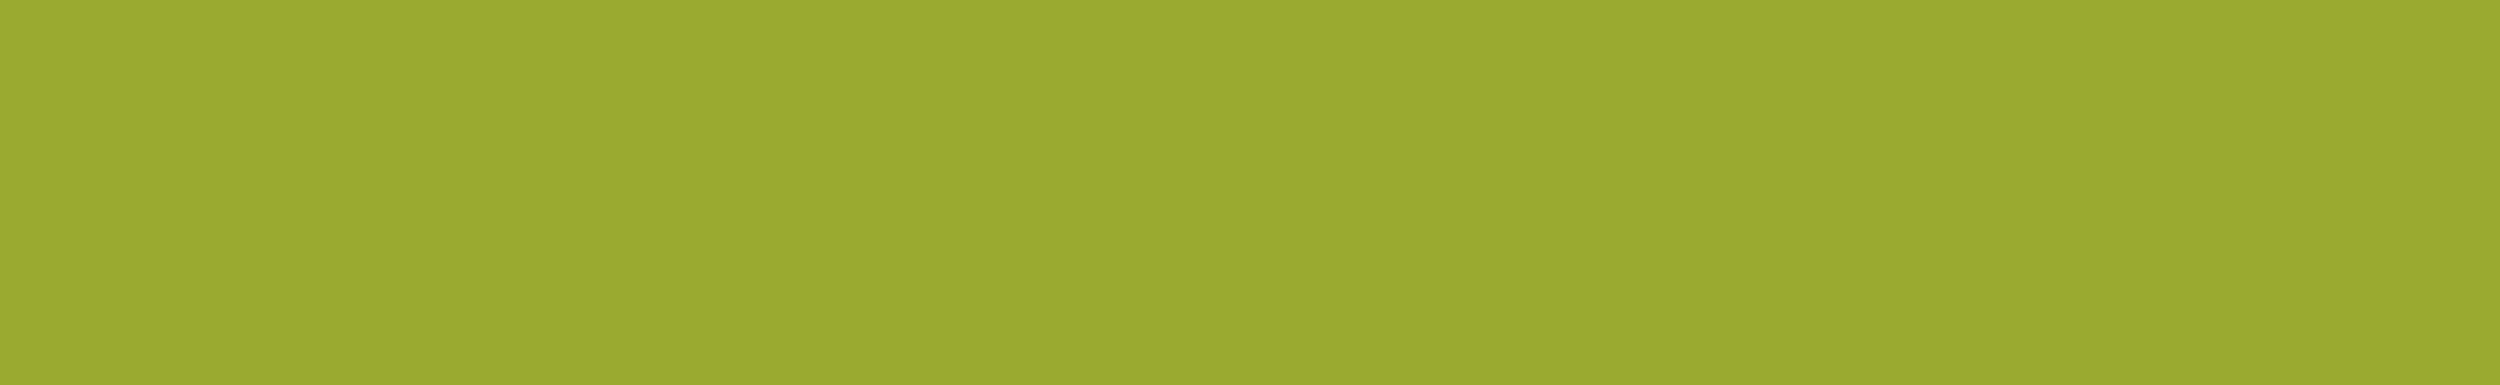 green-block